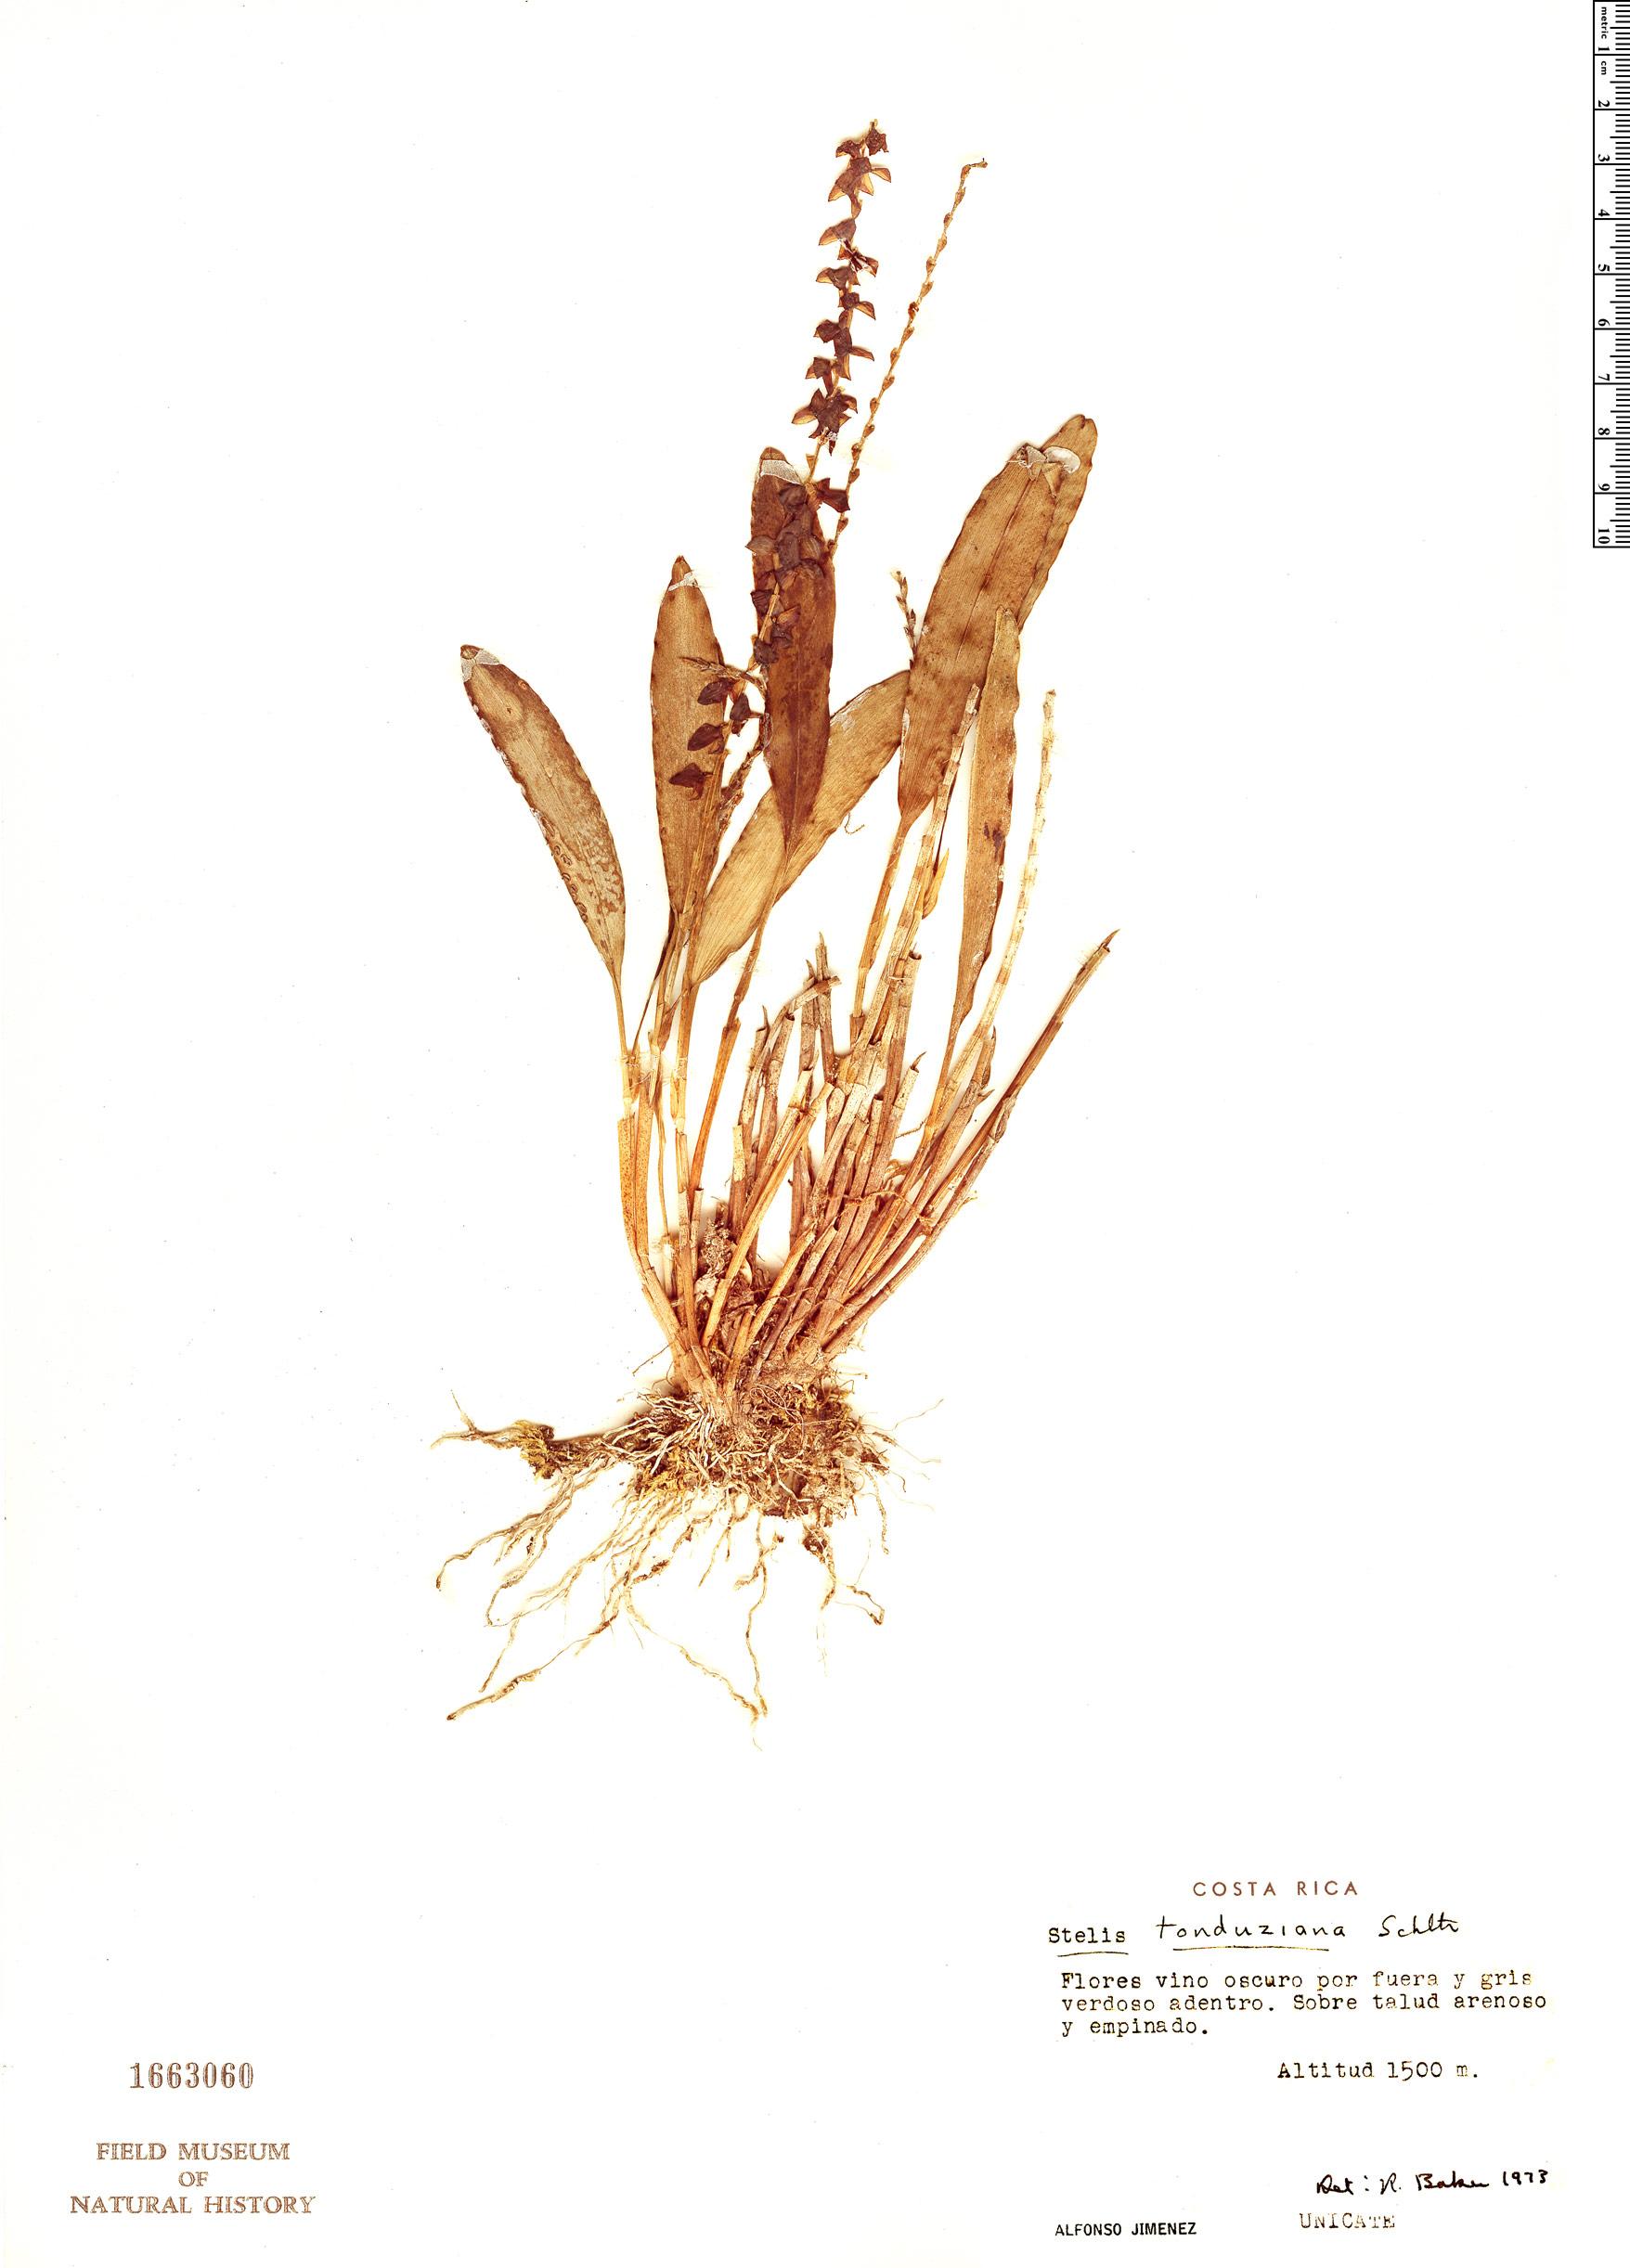 Specimen: Stelis tonduziana